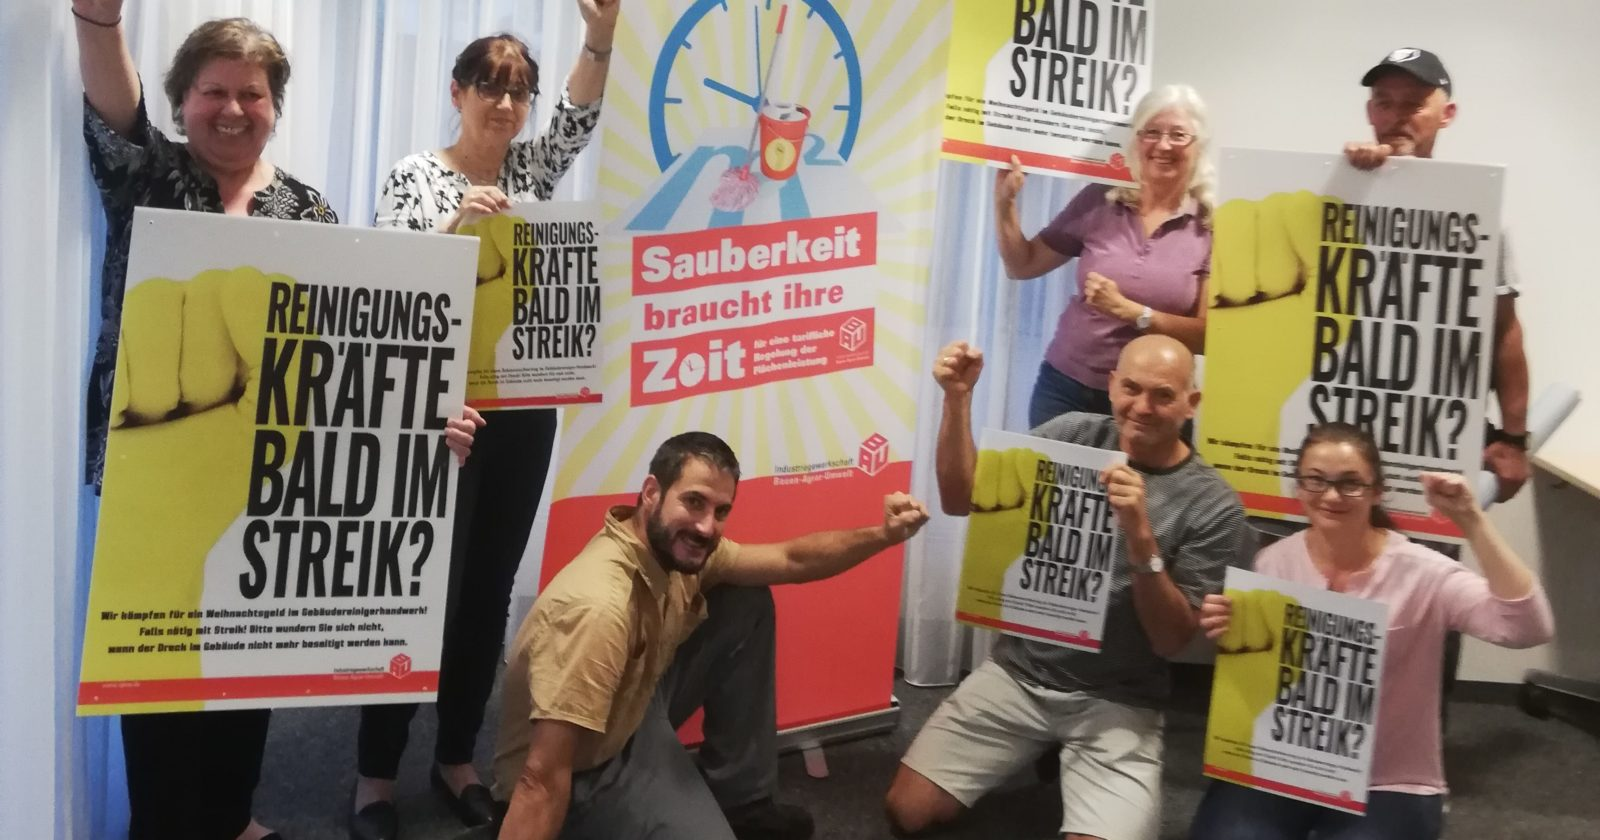 """Fachgruppe Gebäudereinigung München: """"Verhalten der Arbeitgeber ist respektlos"""""""